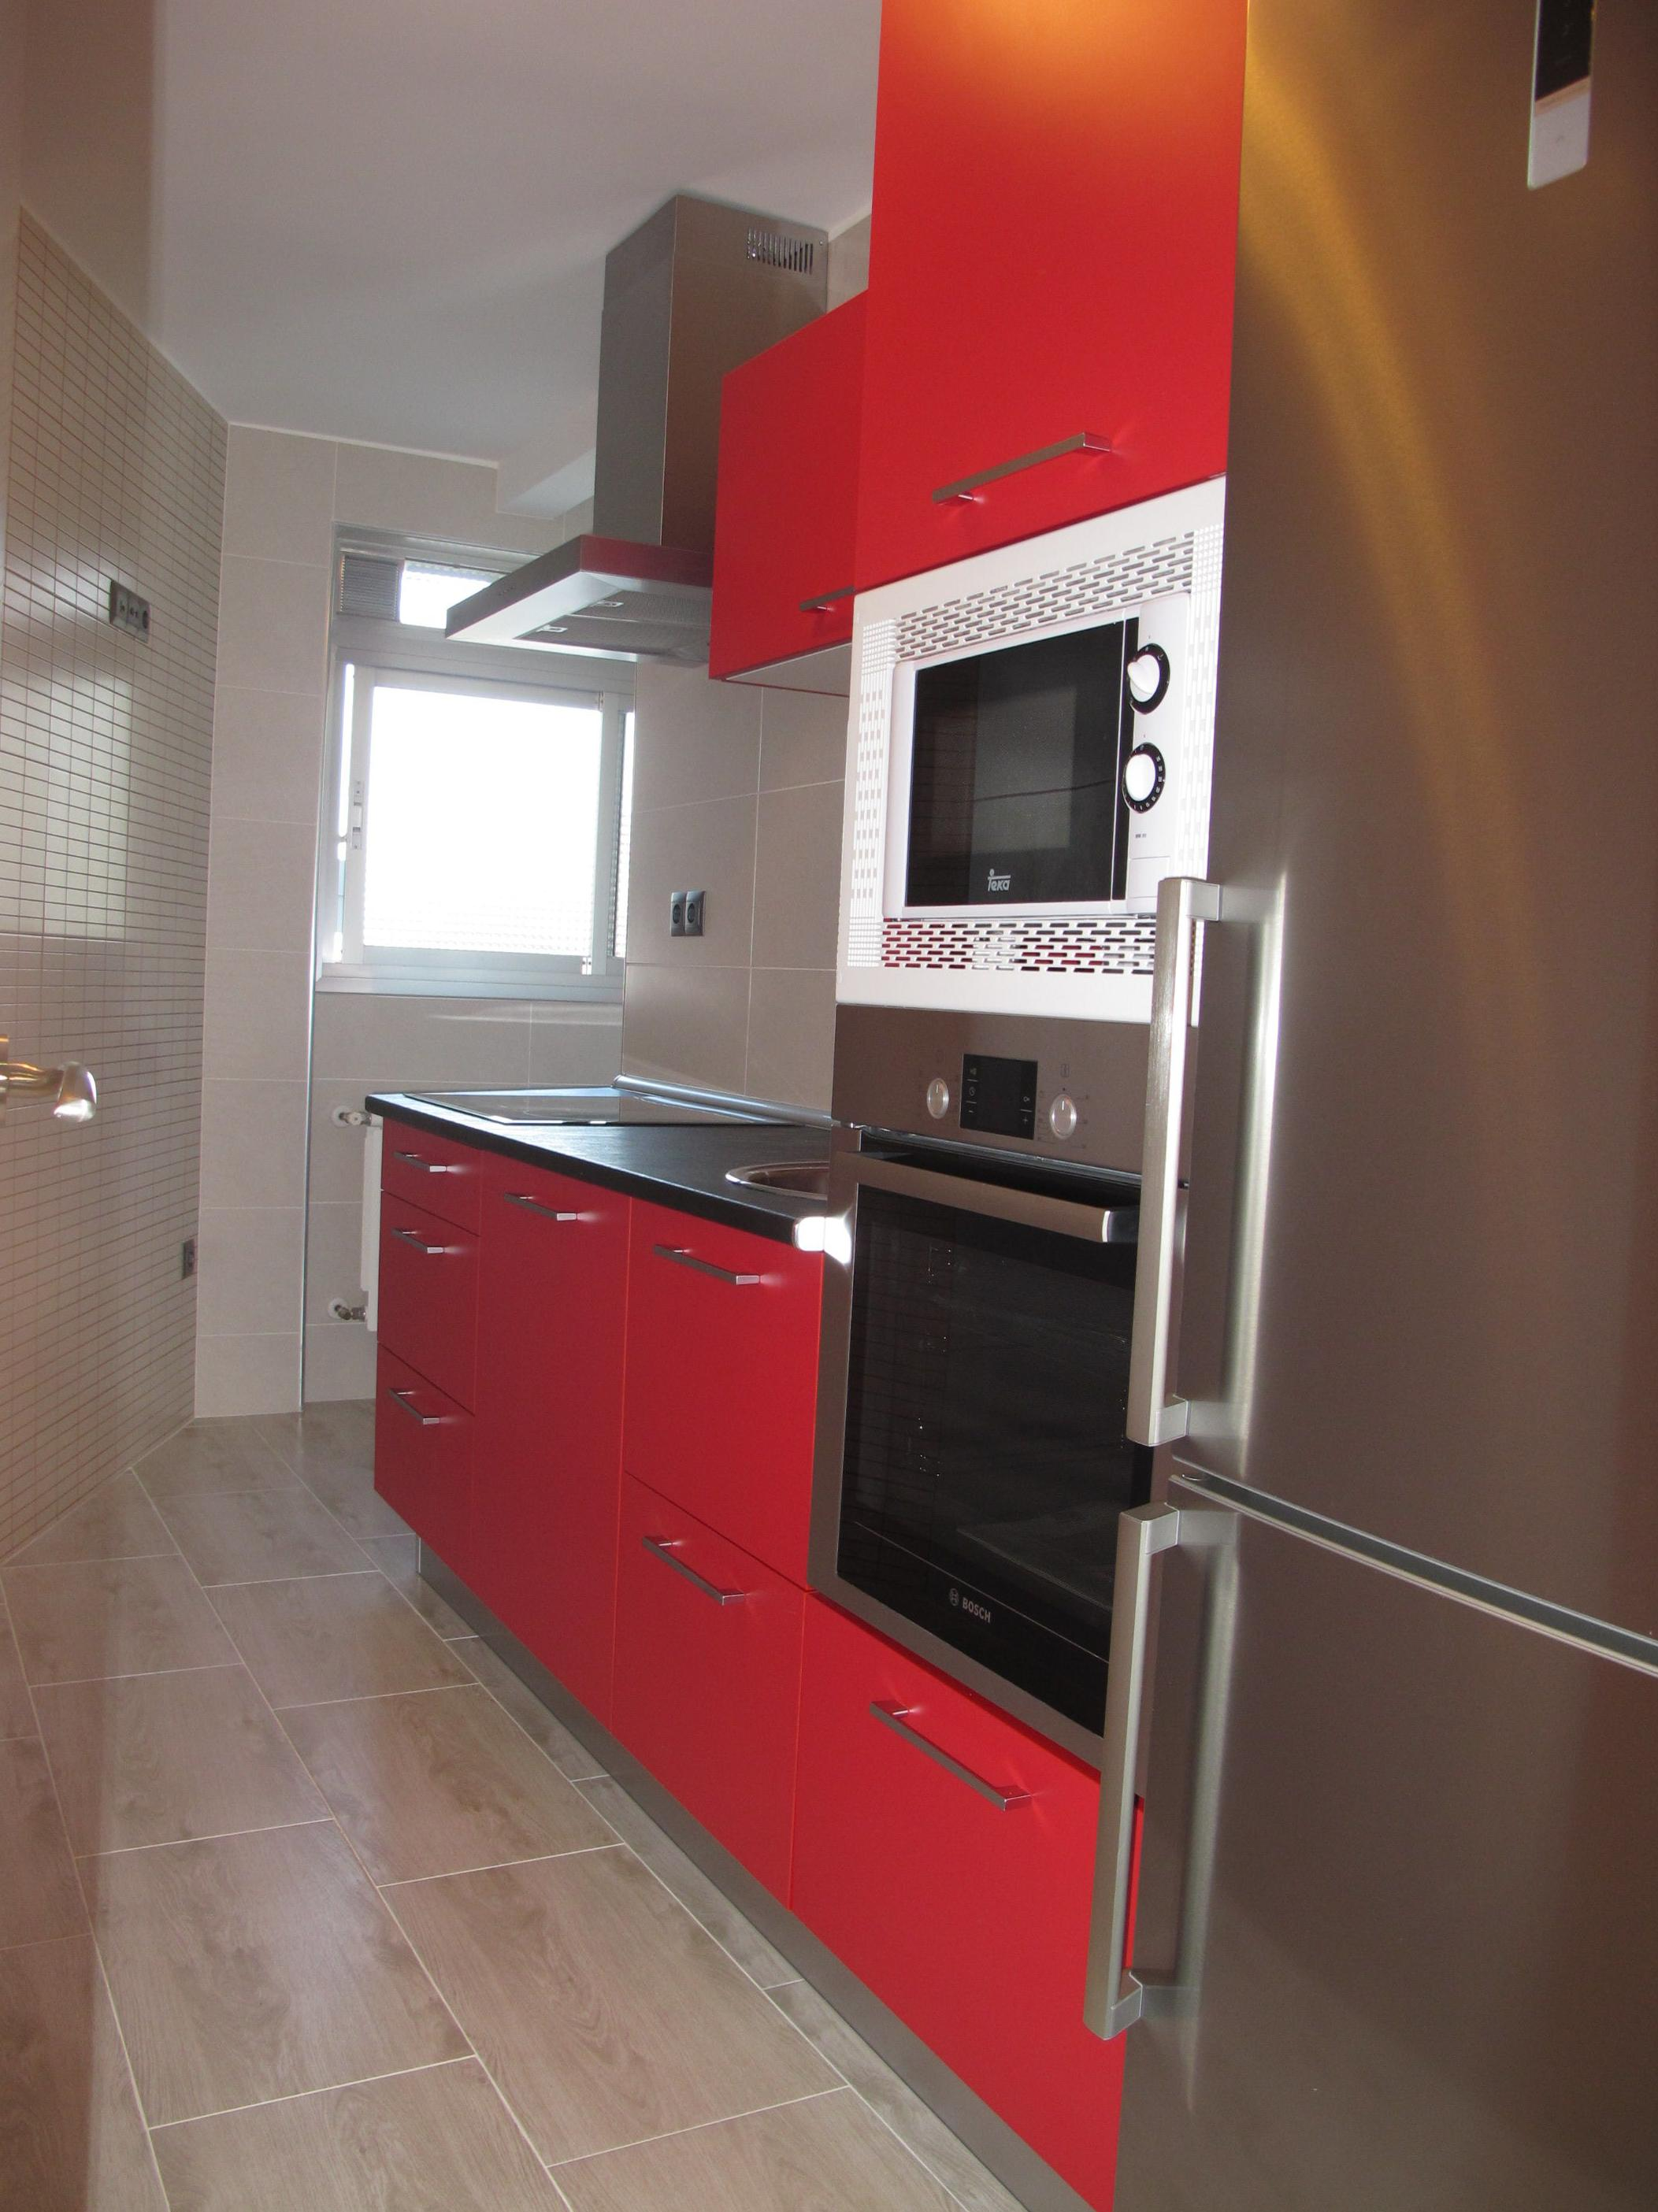 Muebles De Cocina En Alcorcon. Trendy Muebles De Cocina With Muebles ...